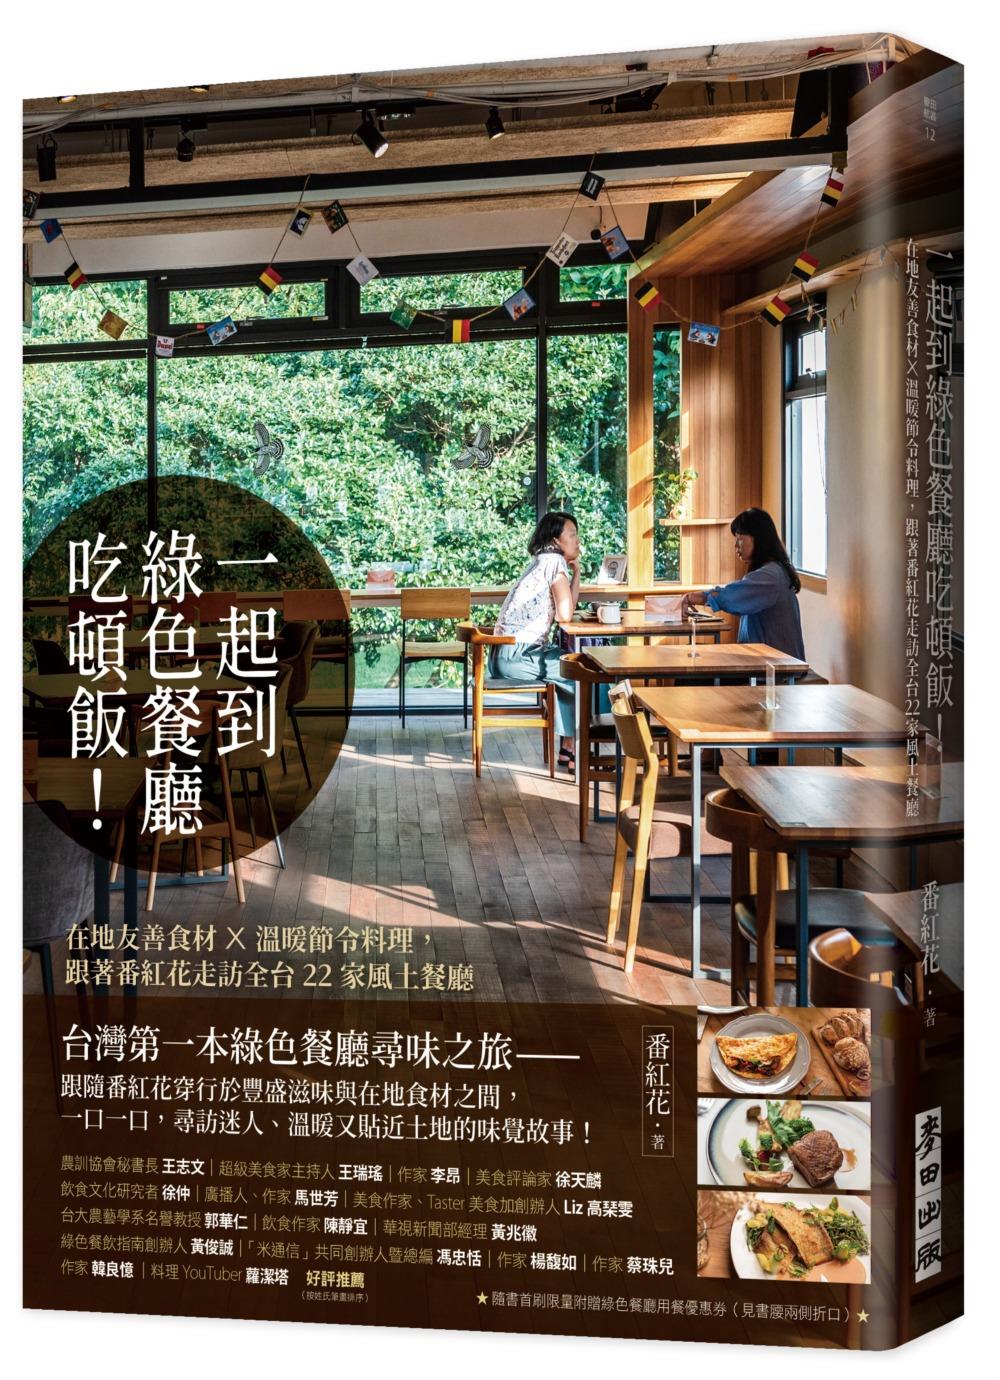 一起到綠色餐廳吃頓飯!——在地友善食材×溫暖節令料理,跟著番紅花走訪全台22家風土餐廳